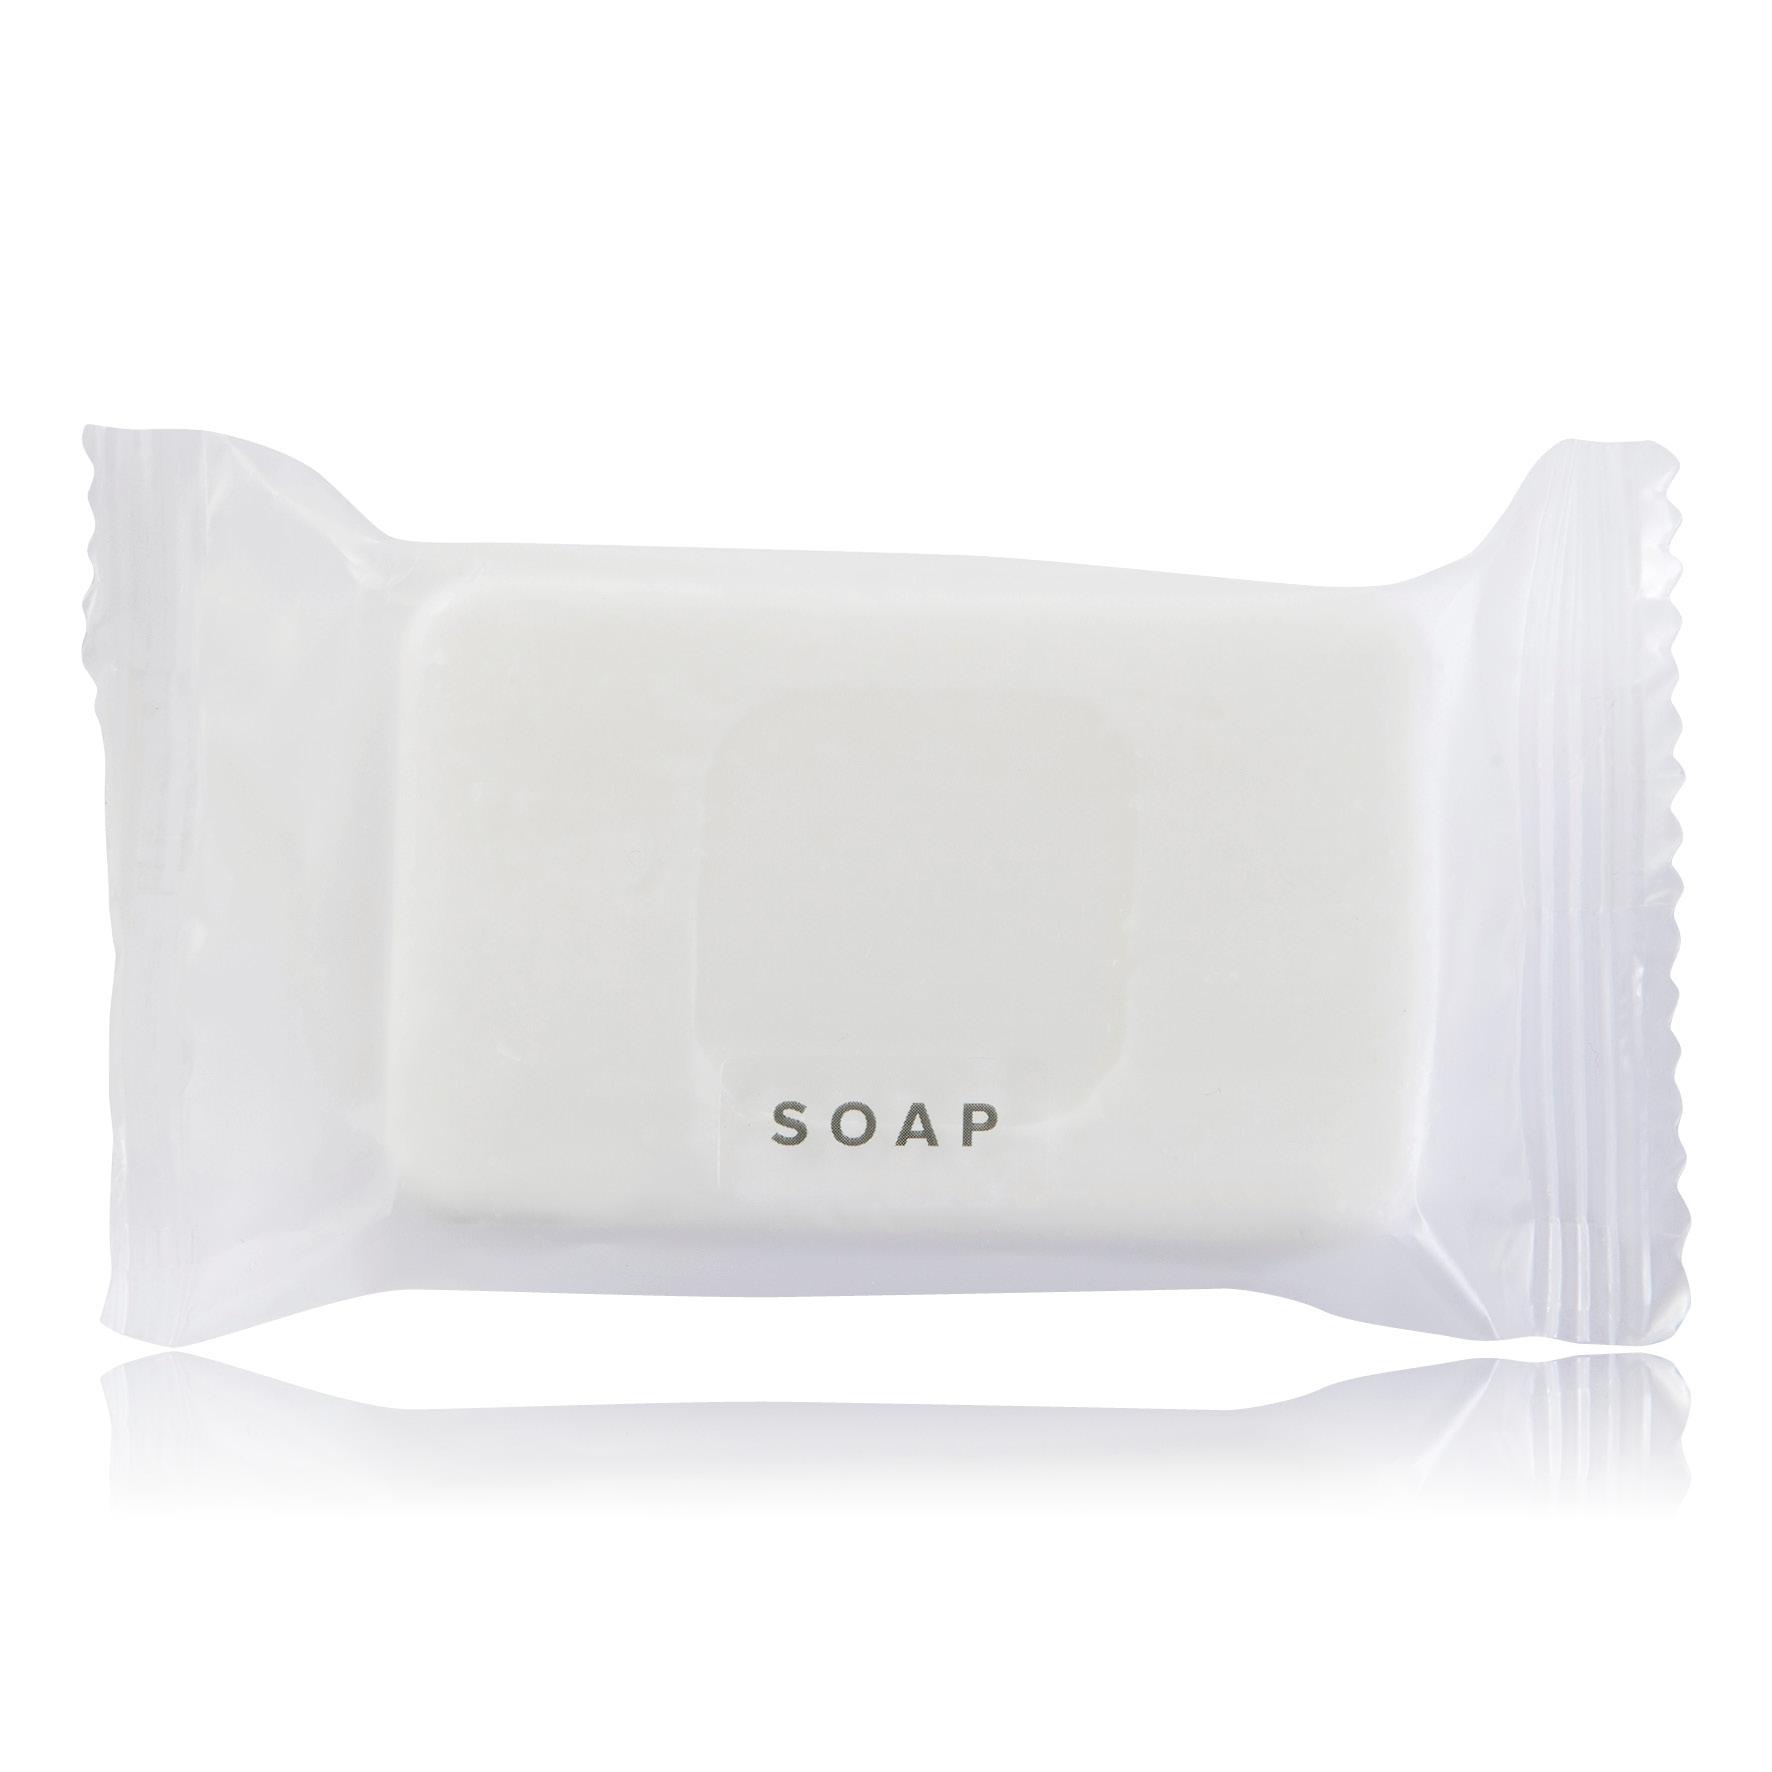 CONTEMP SOAP FLOWRAP 40G